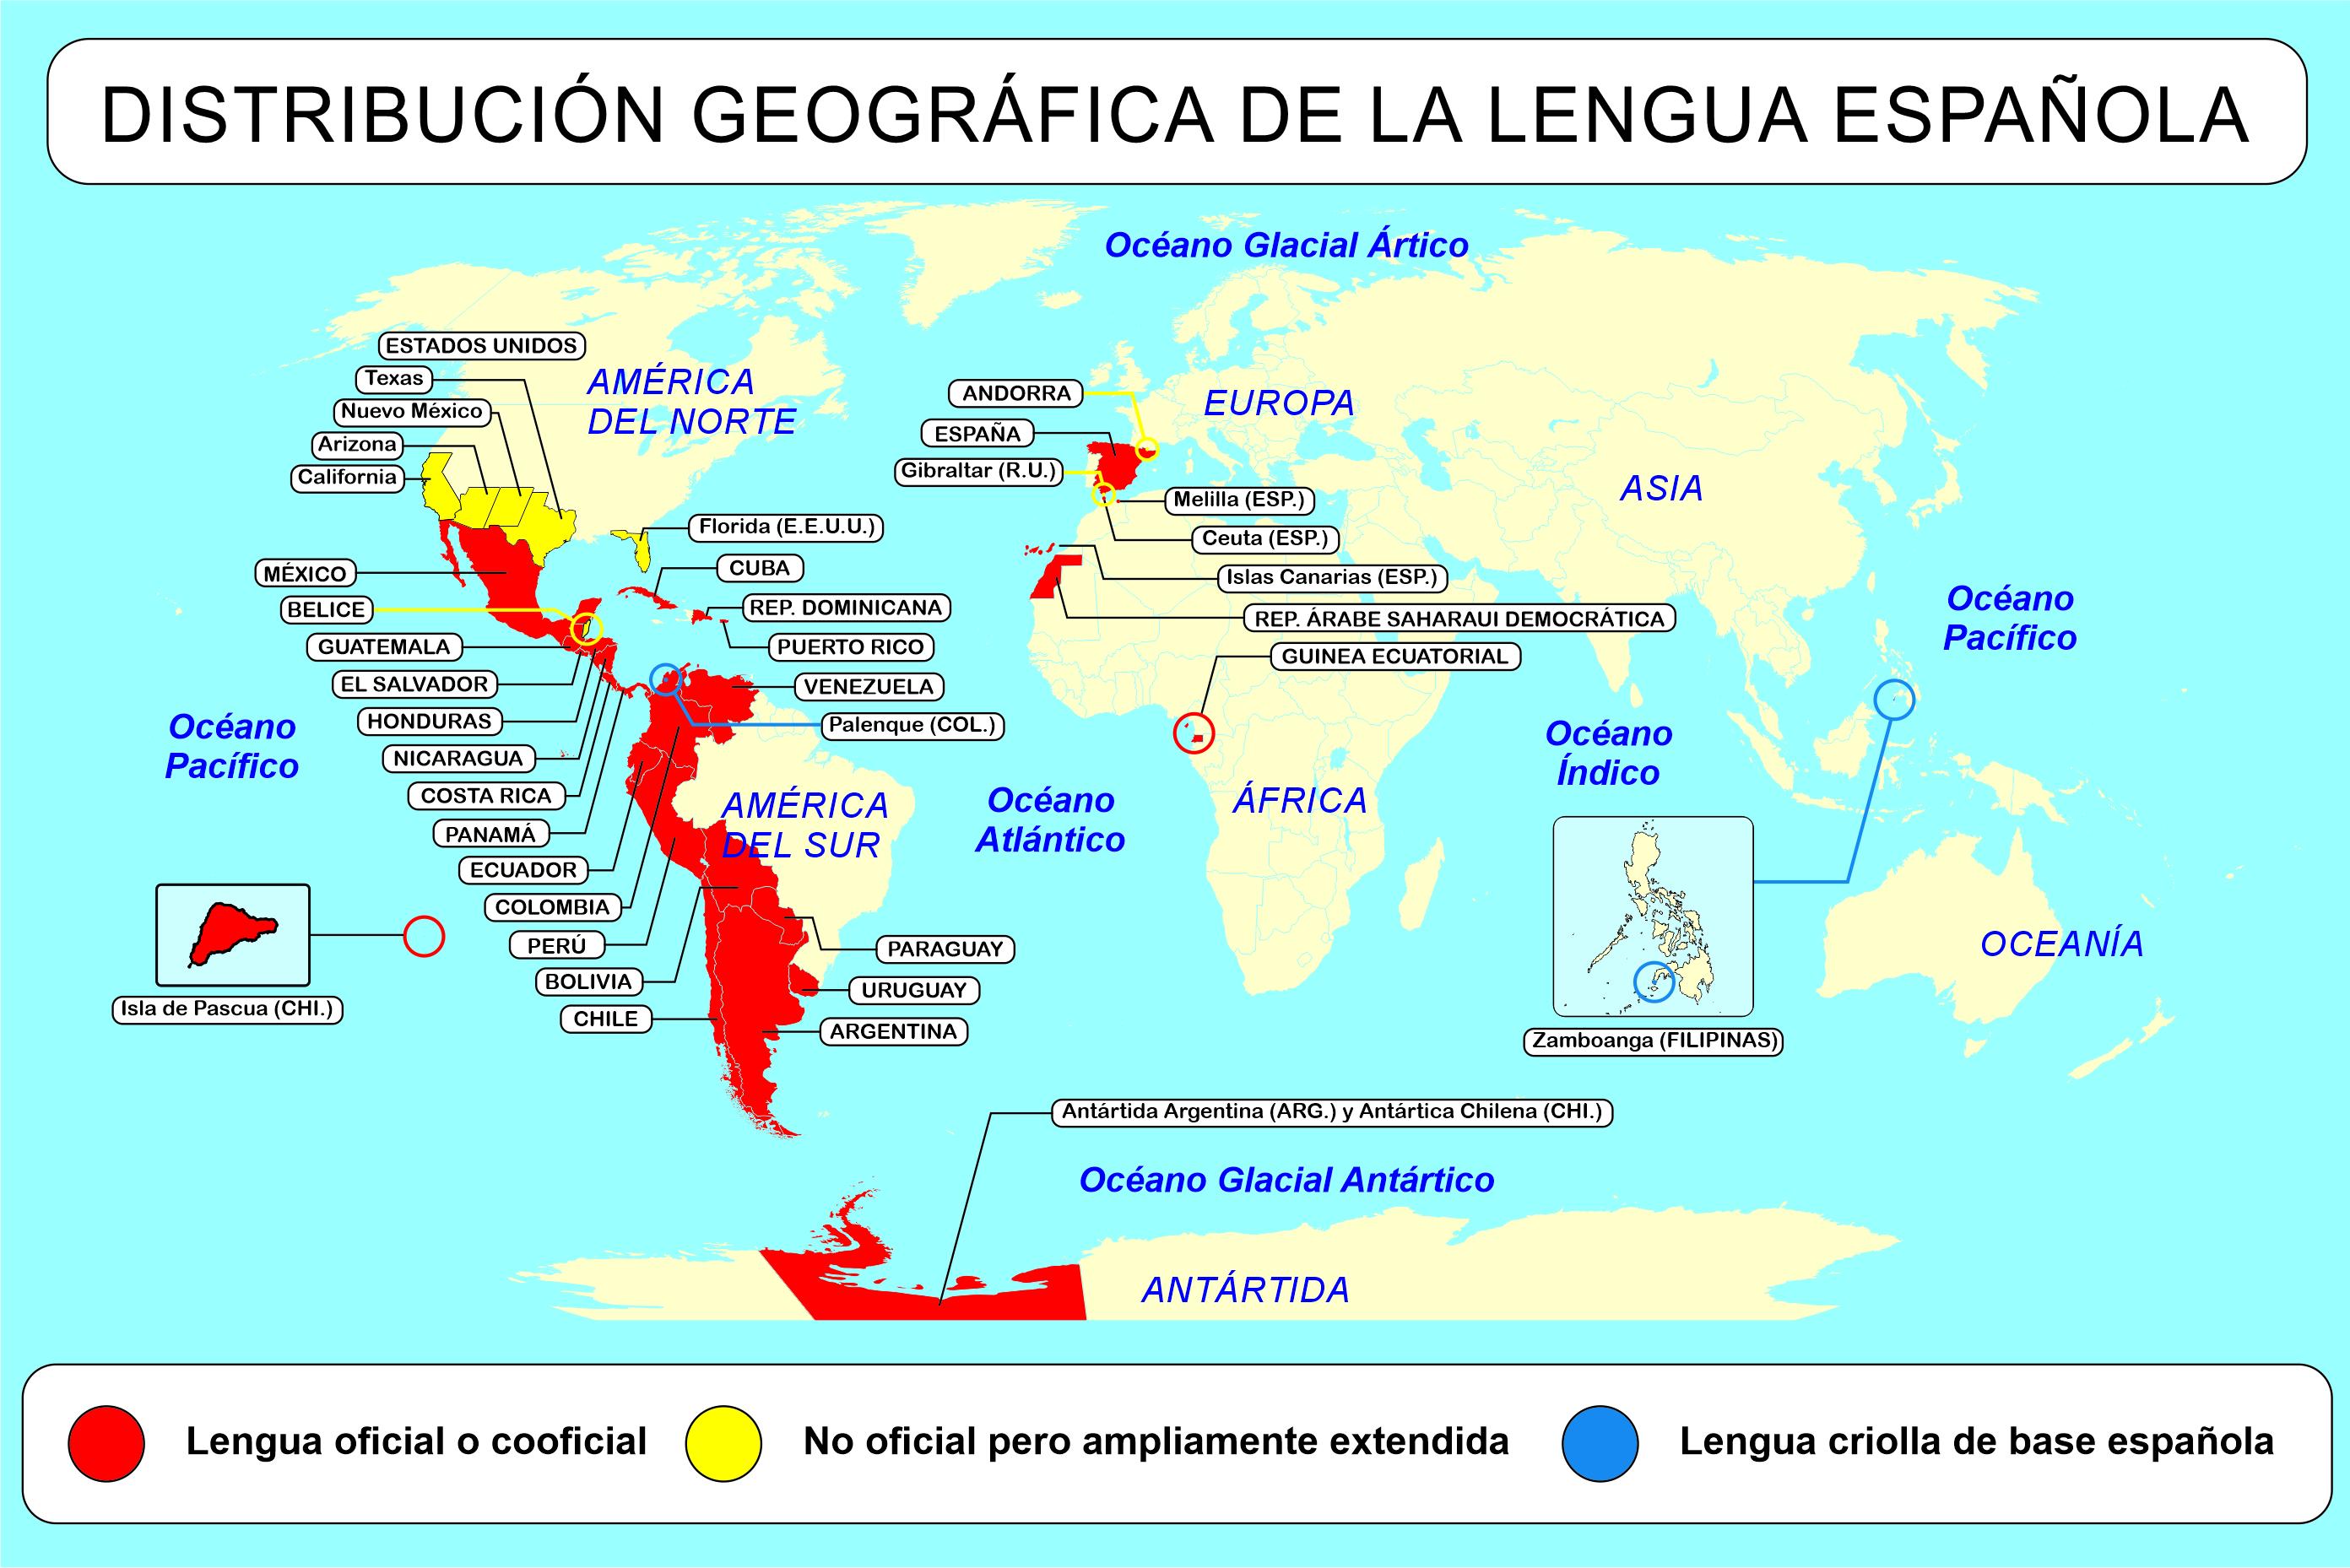 世界中スペイン語圏の各地